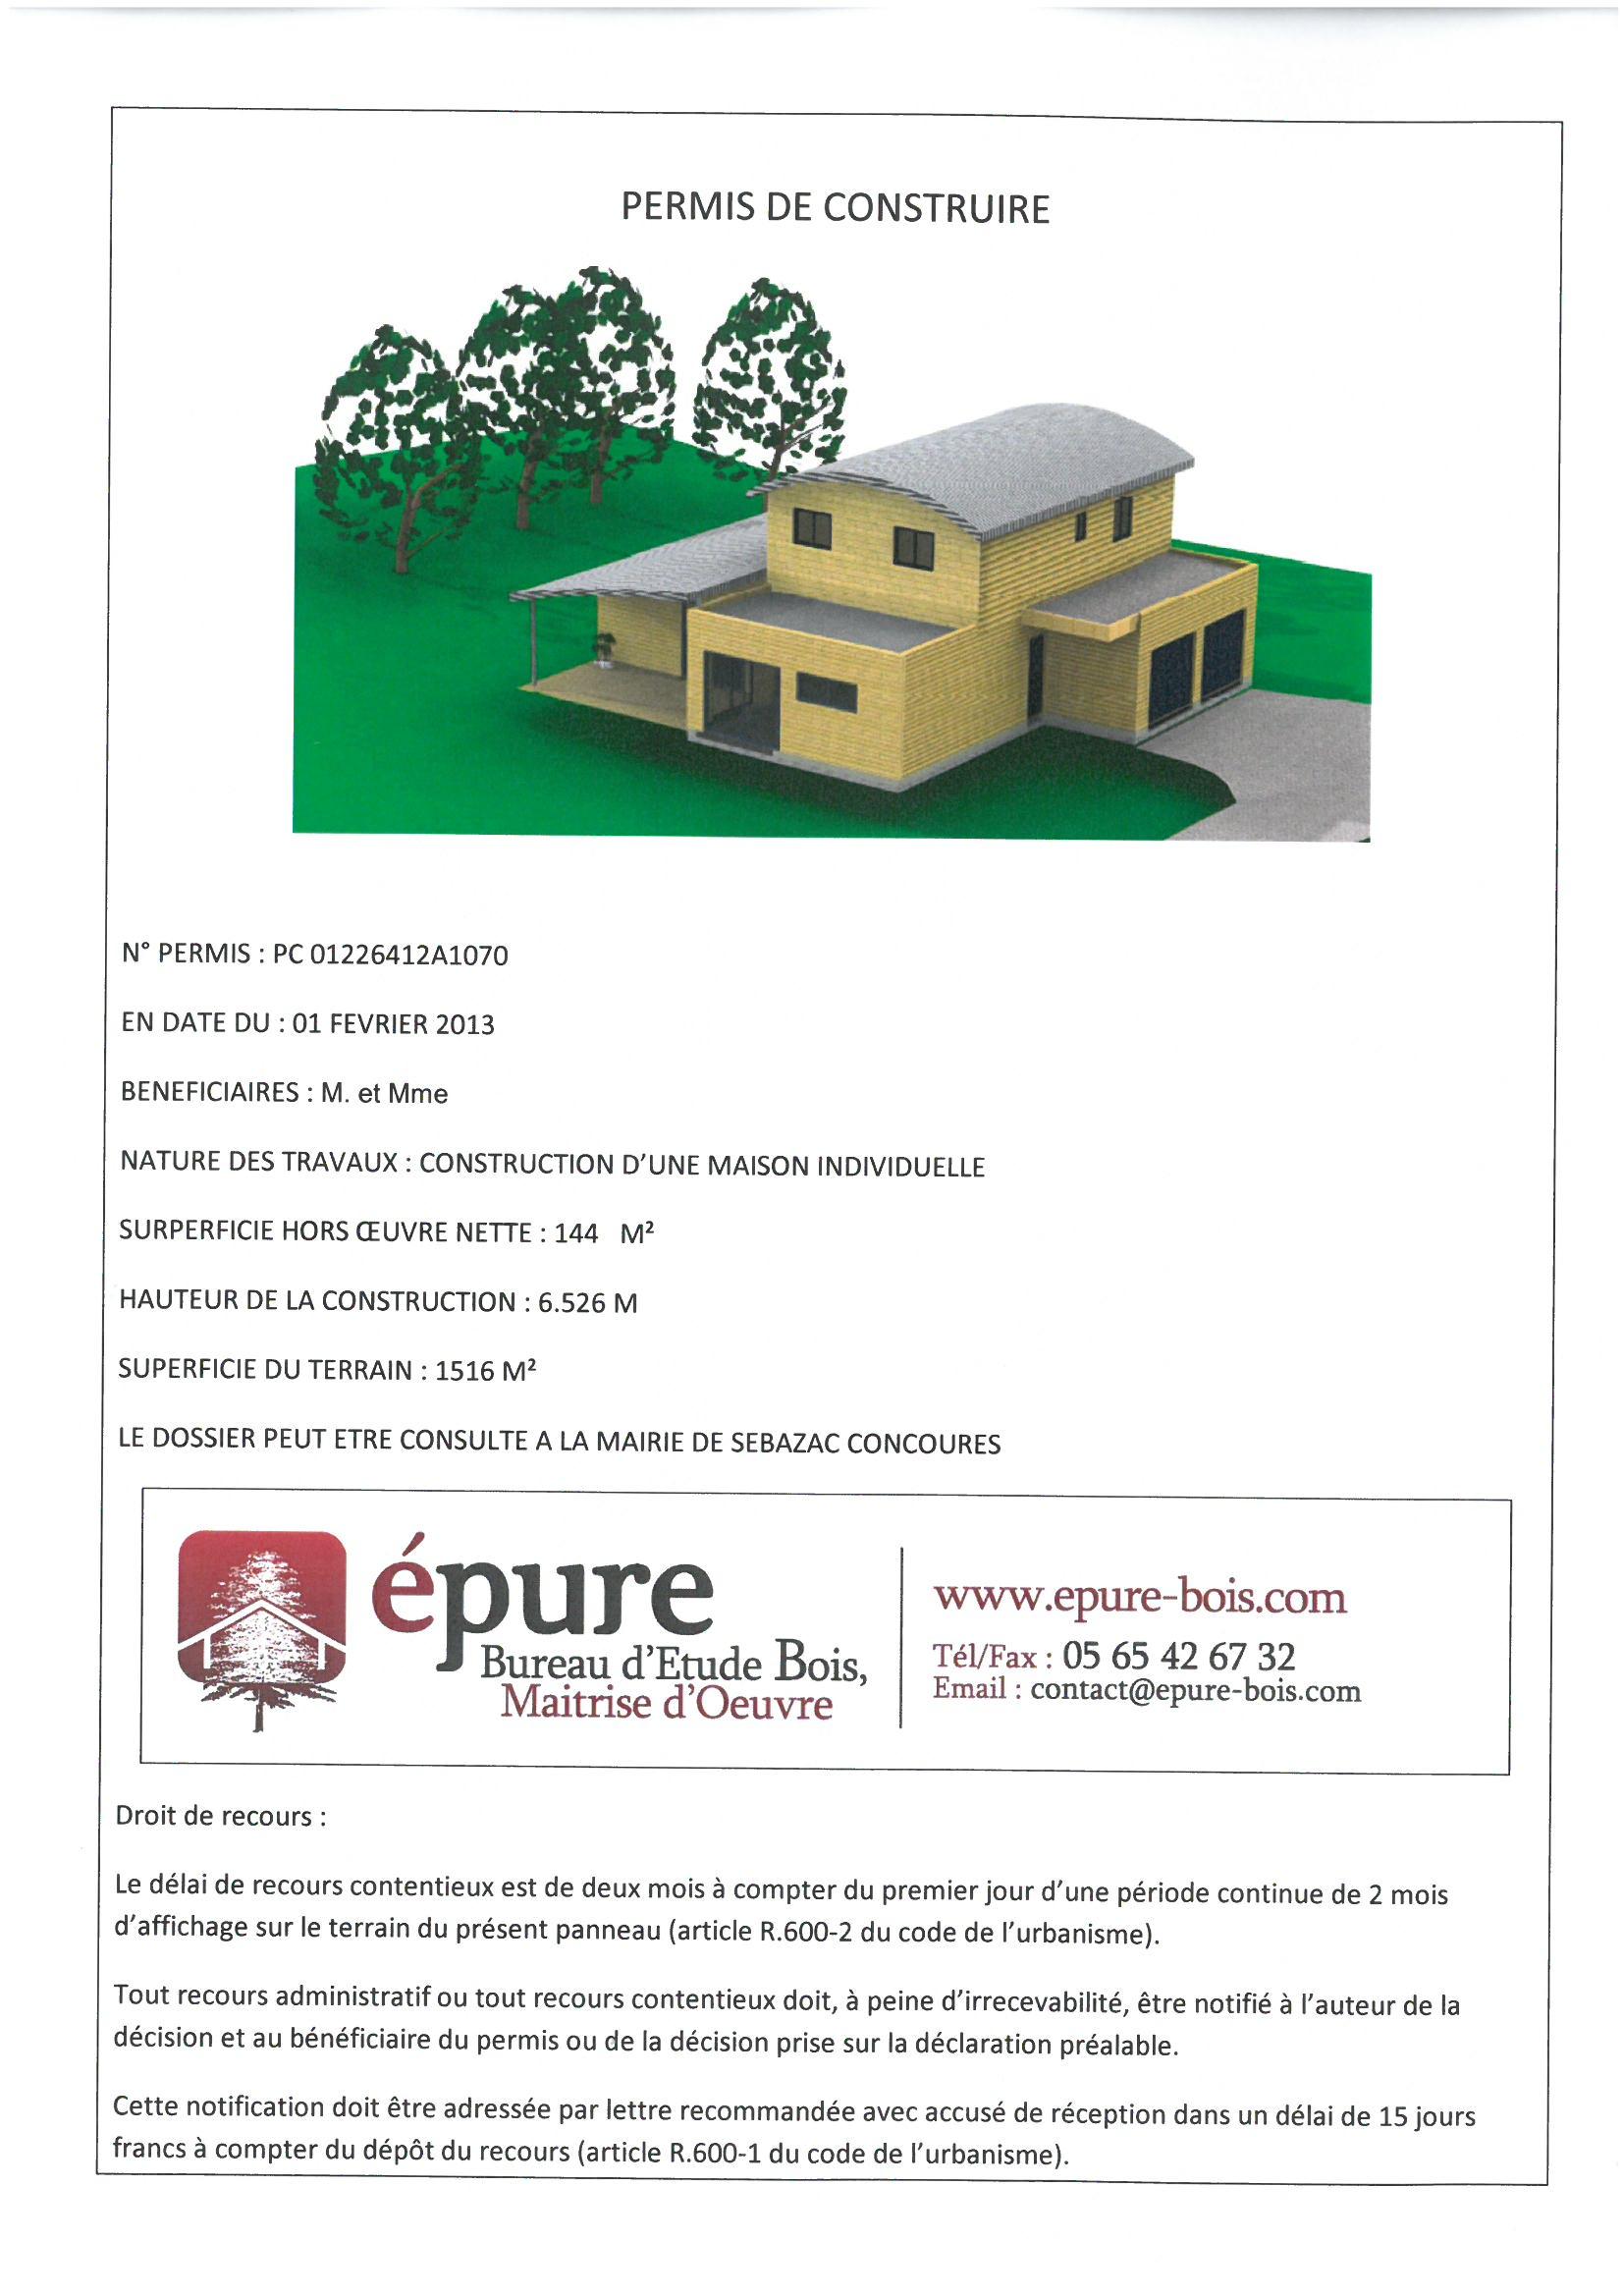 maison ossature bois a concoures 2 epure bois. Black Bedroom Furniture Sets. Home Design Ideas